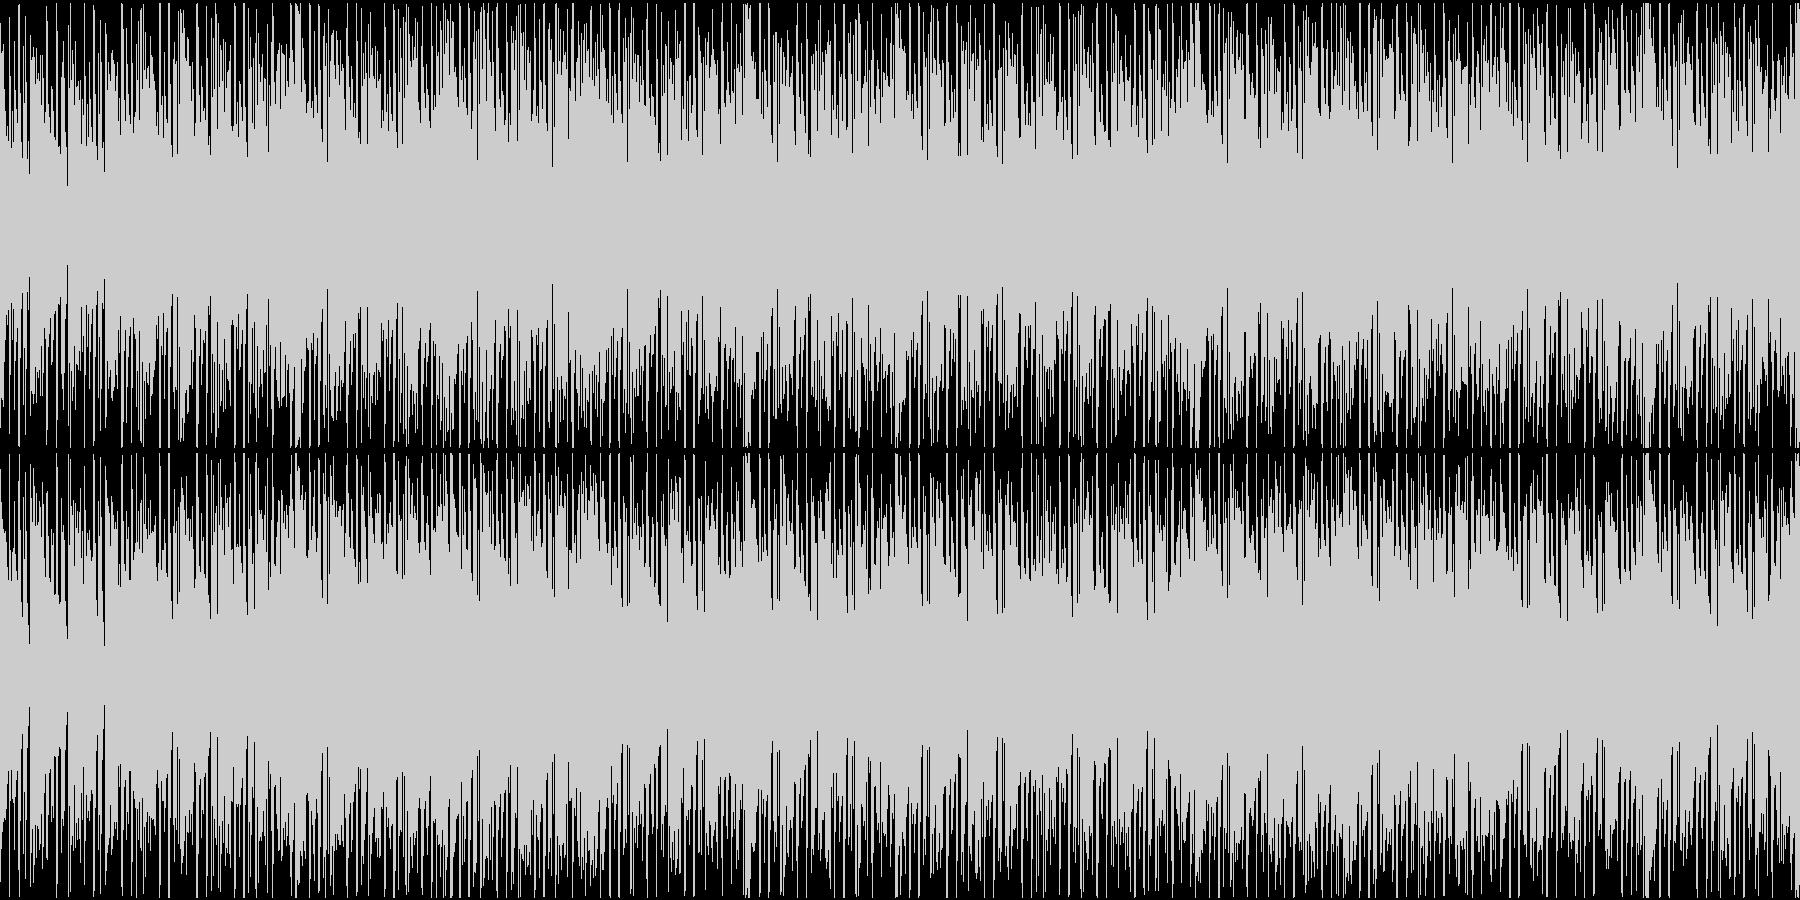 コミカル系な不気味インストの未再生の波形